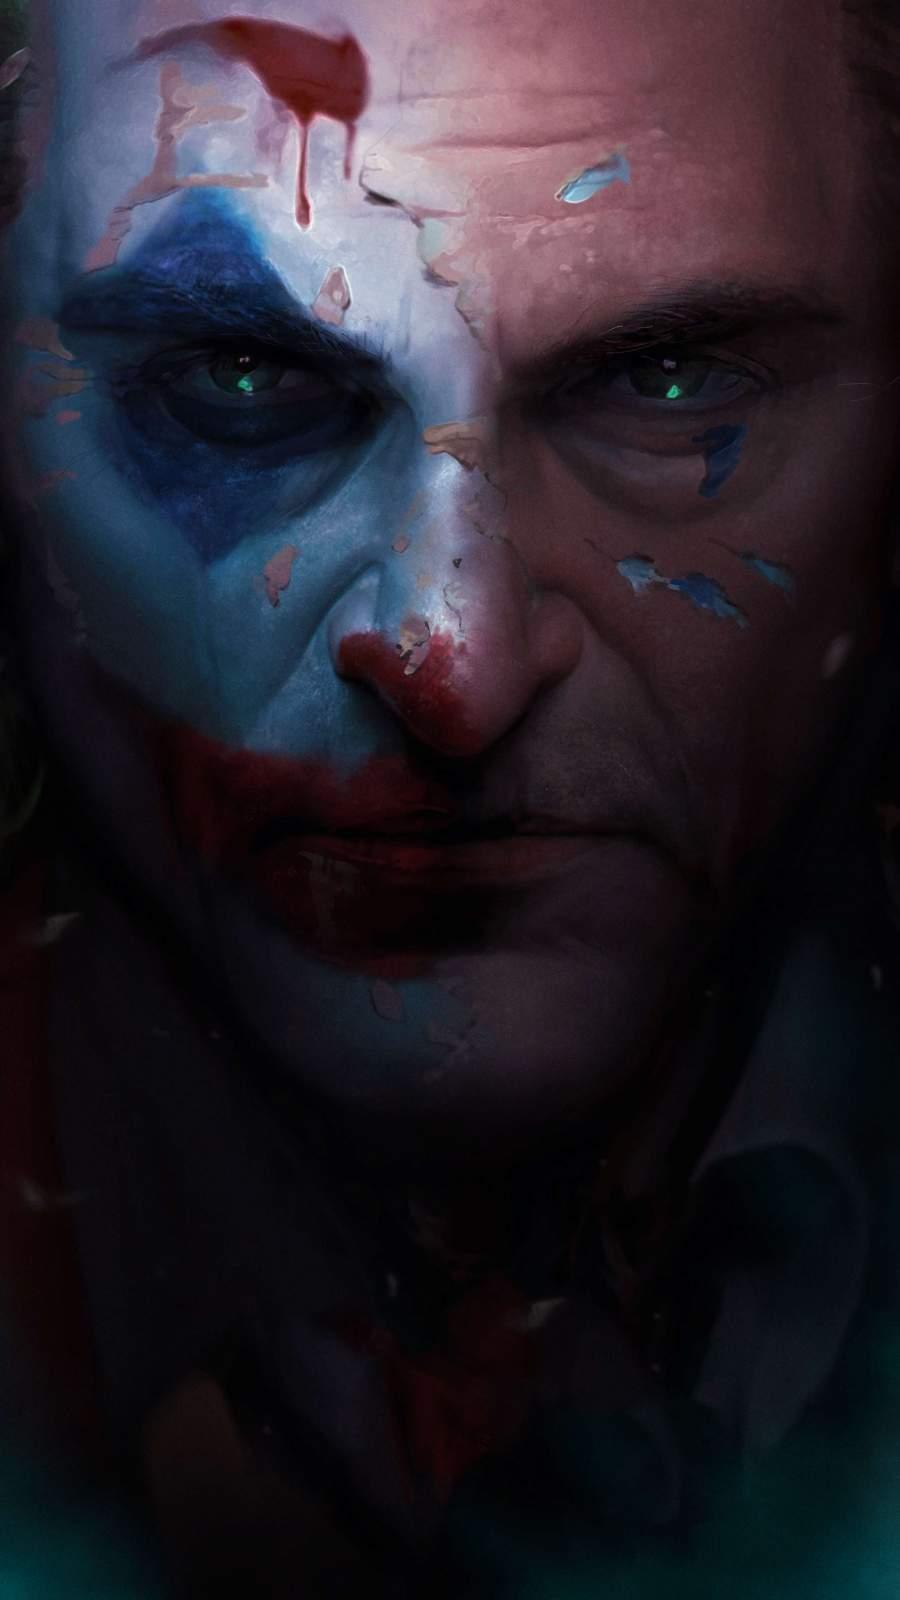 Joker Closeup Art iPhone Wallpaper